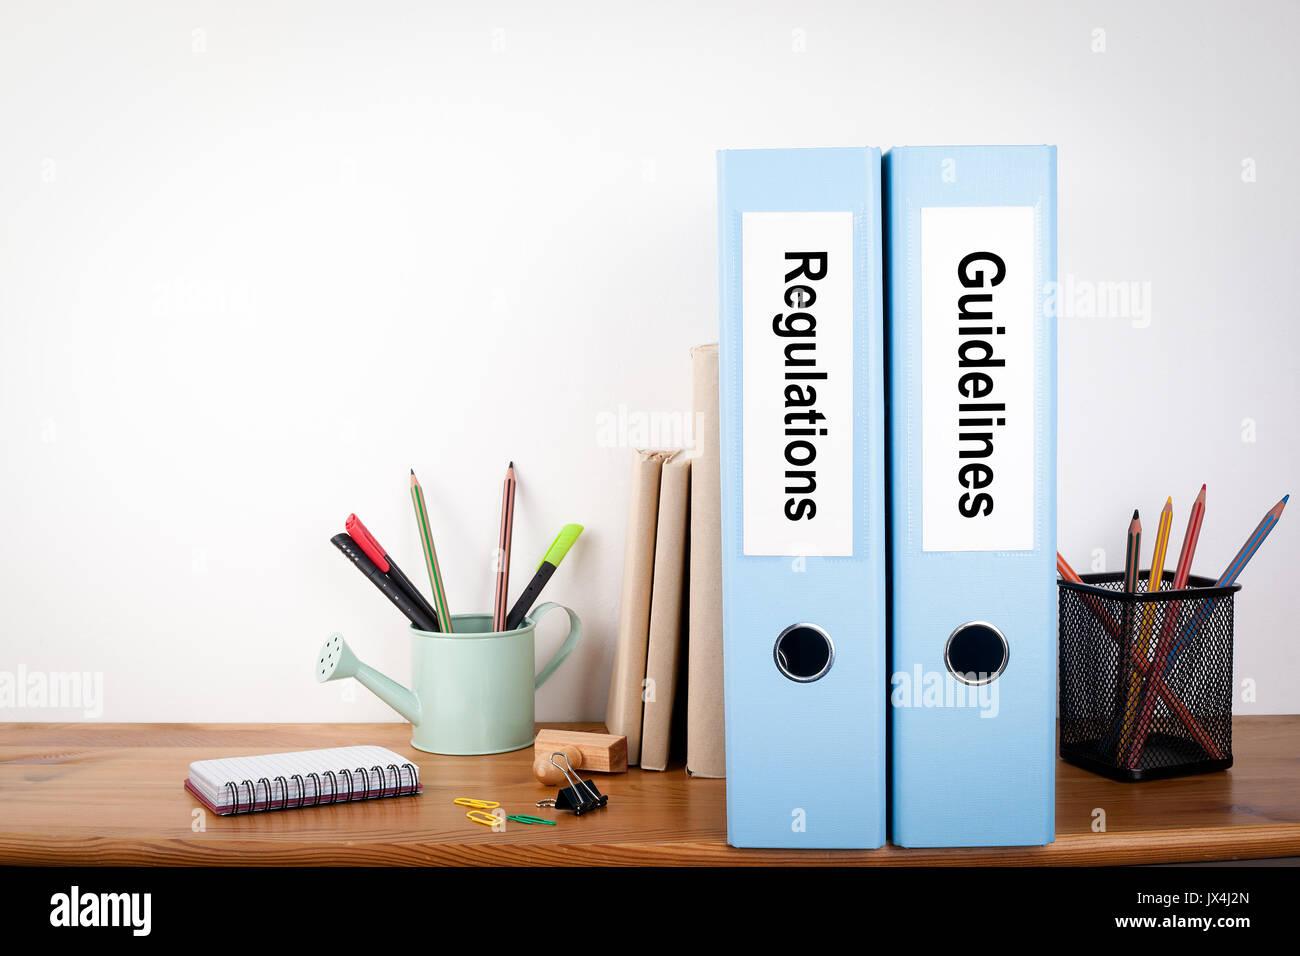 Règlements et lignes directrices de liants dans l'office. La papeterie sur une planche en bois. Photo Stock